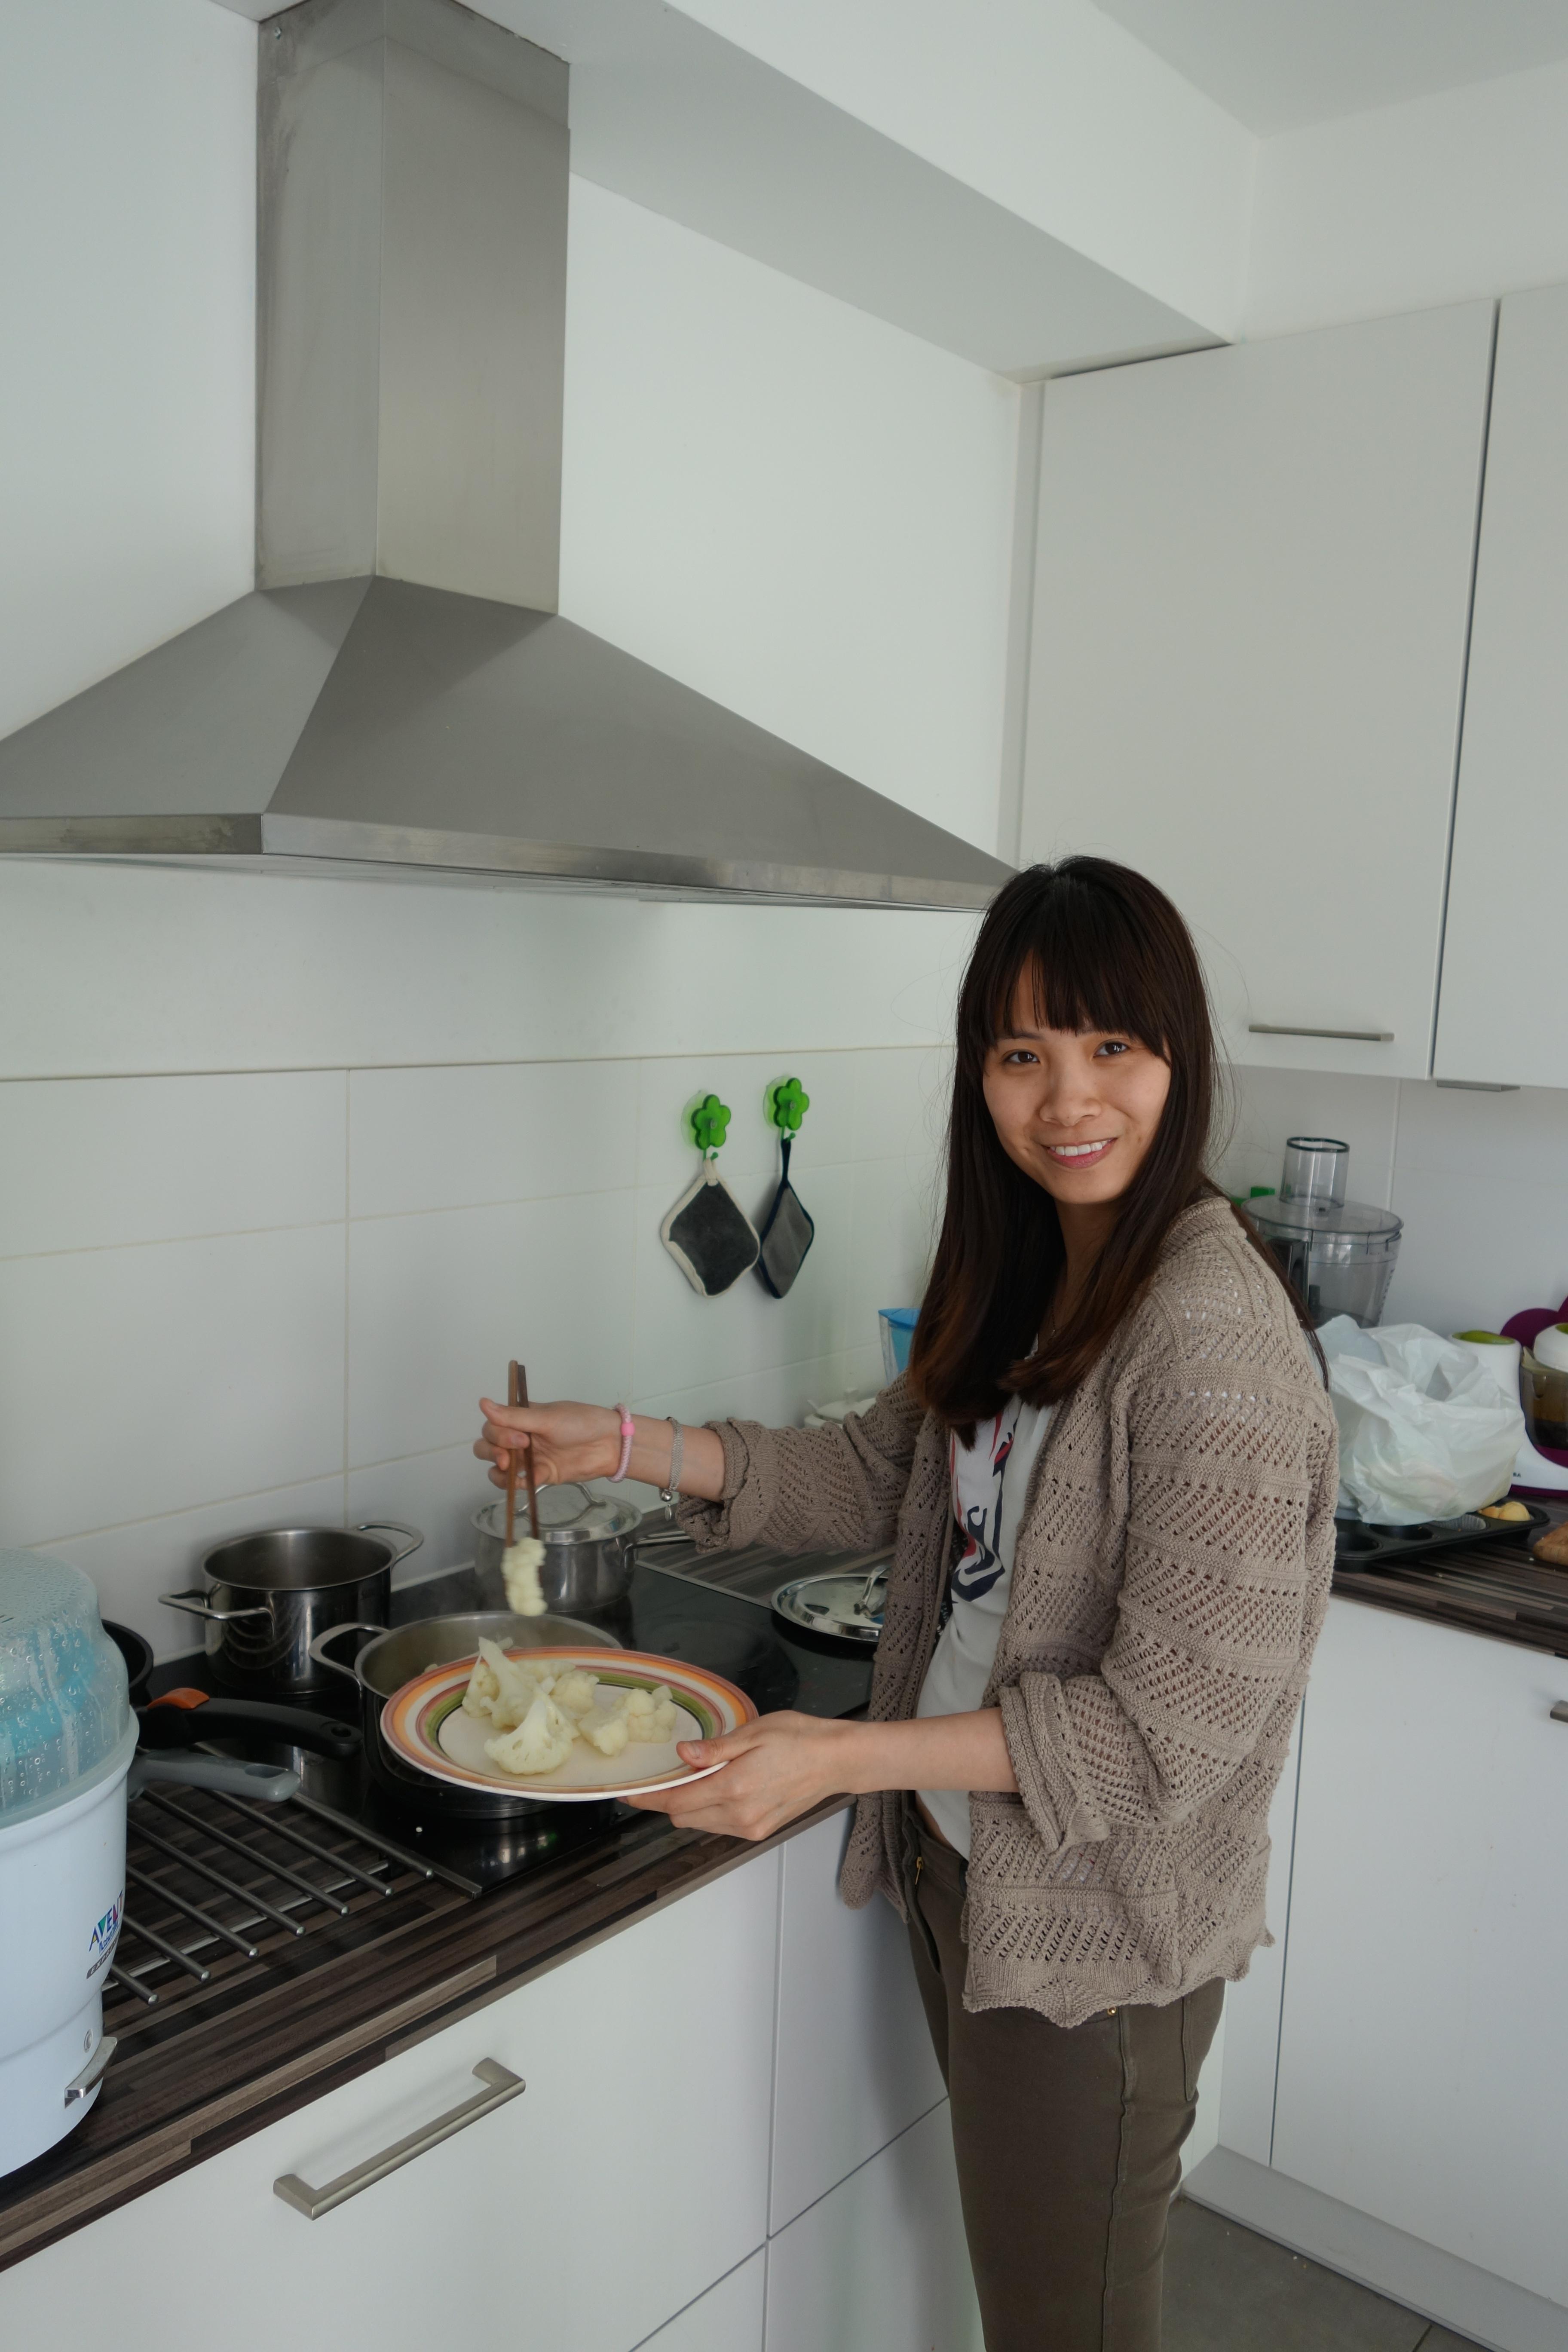 Tran Cooking